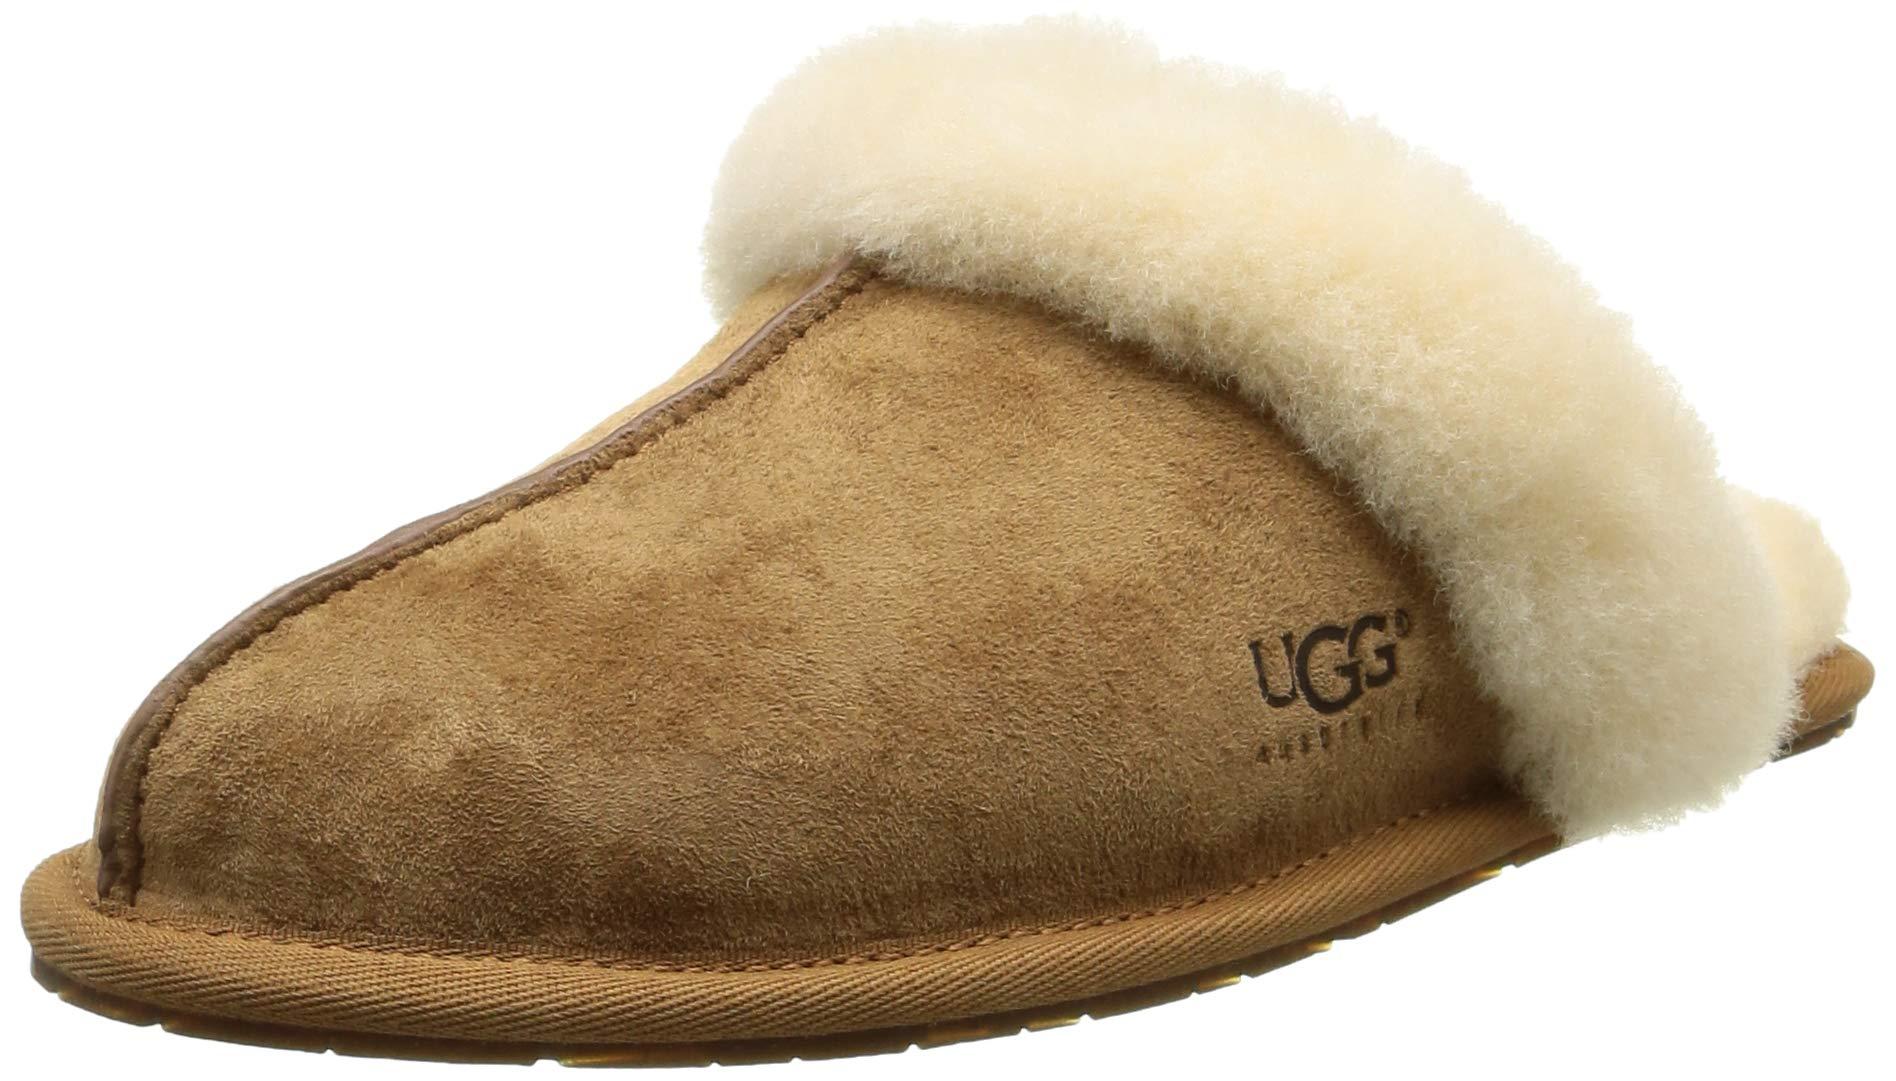 UGG Women's Scuffette II Scuff Slipper,Chestnut,9 US/9 B US